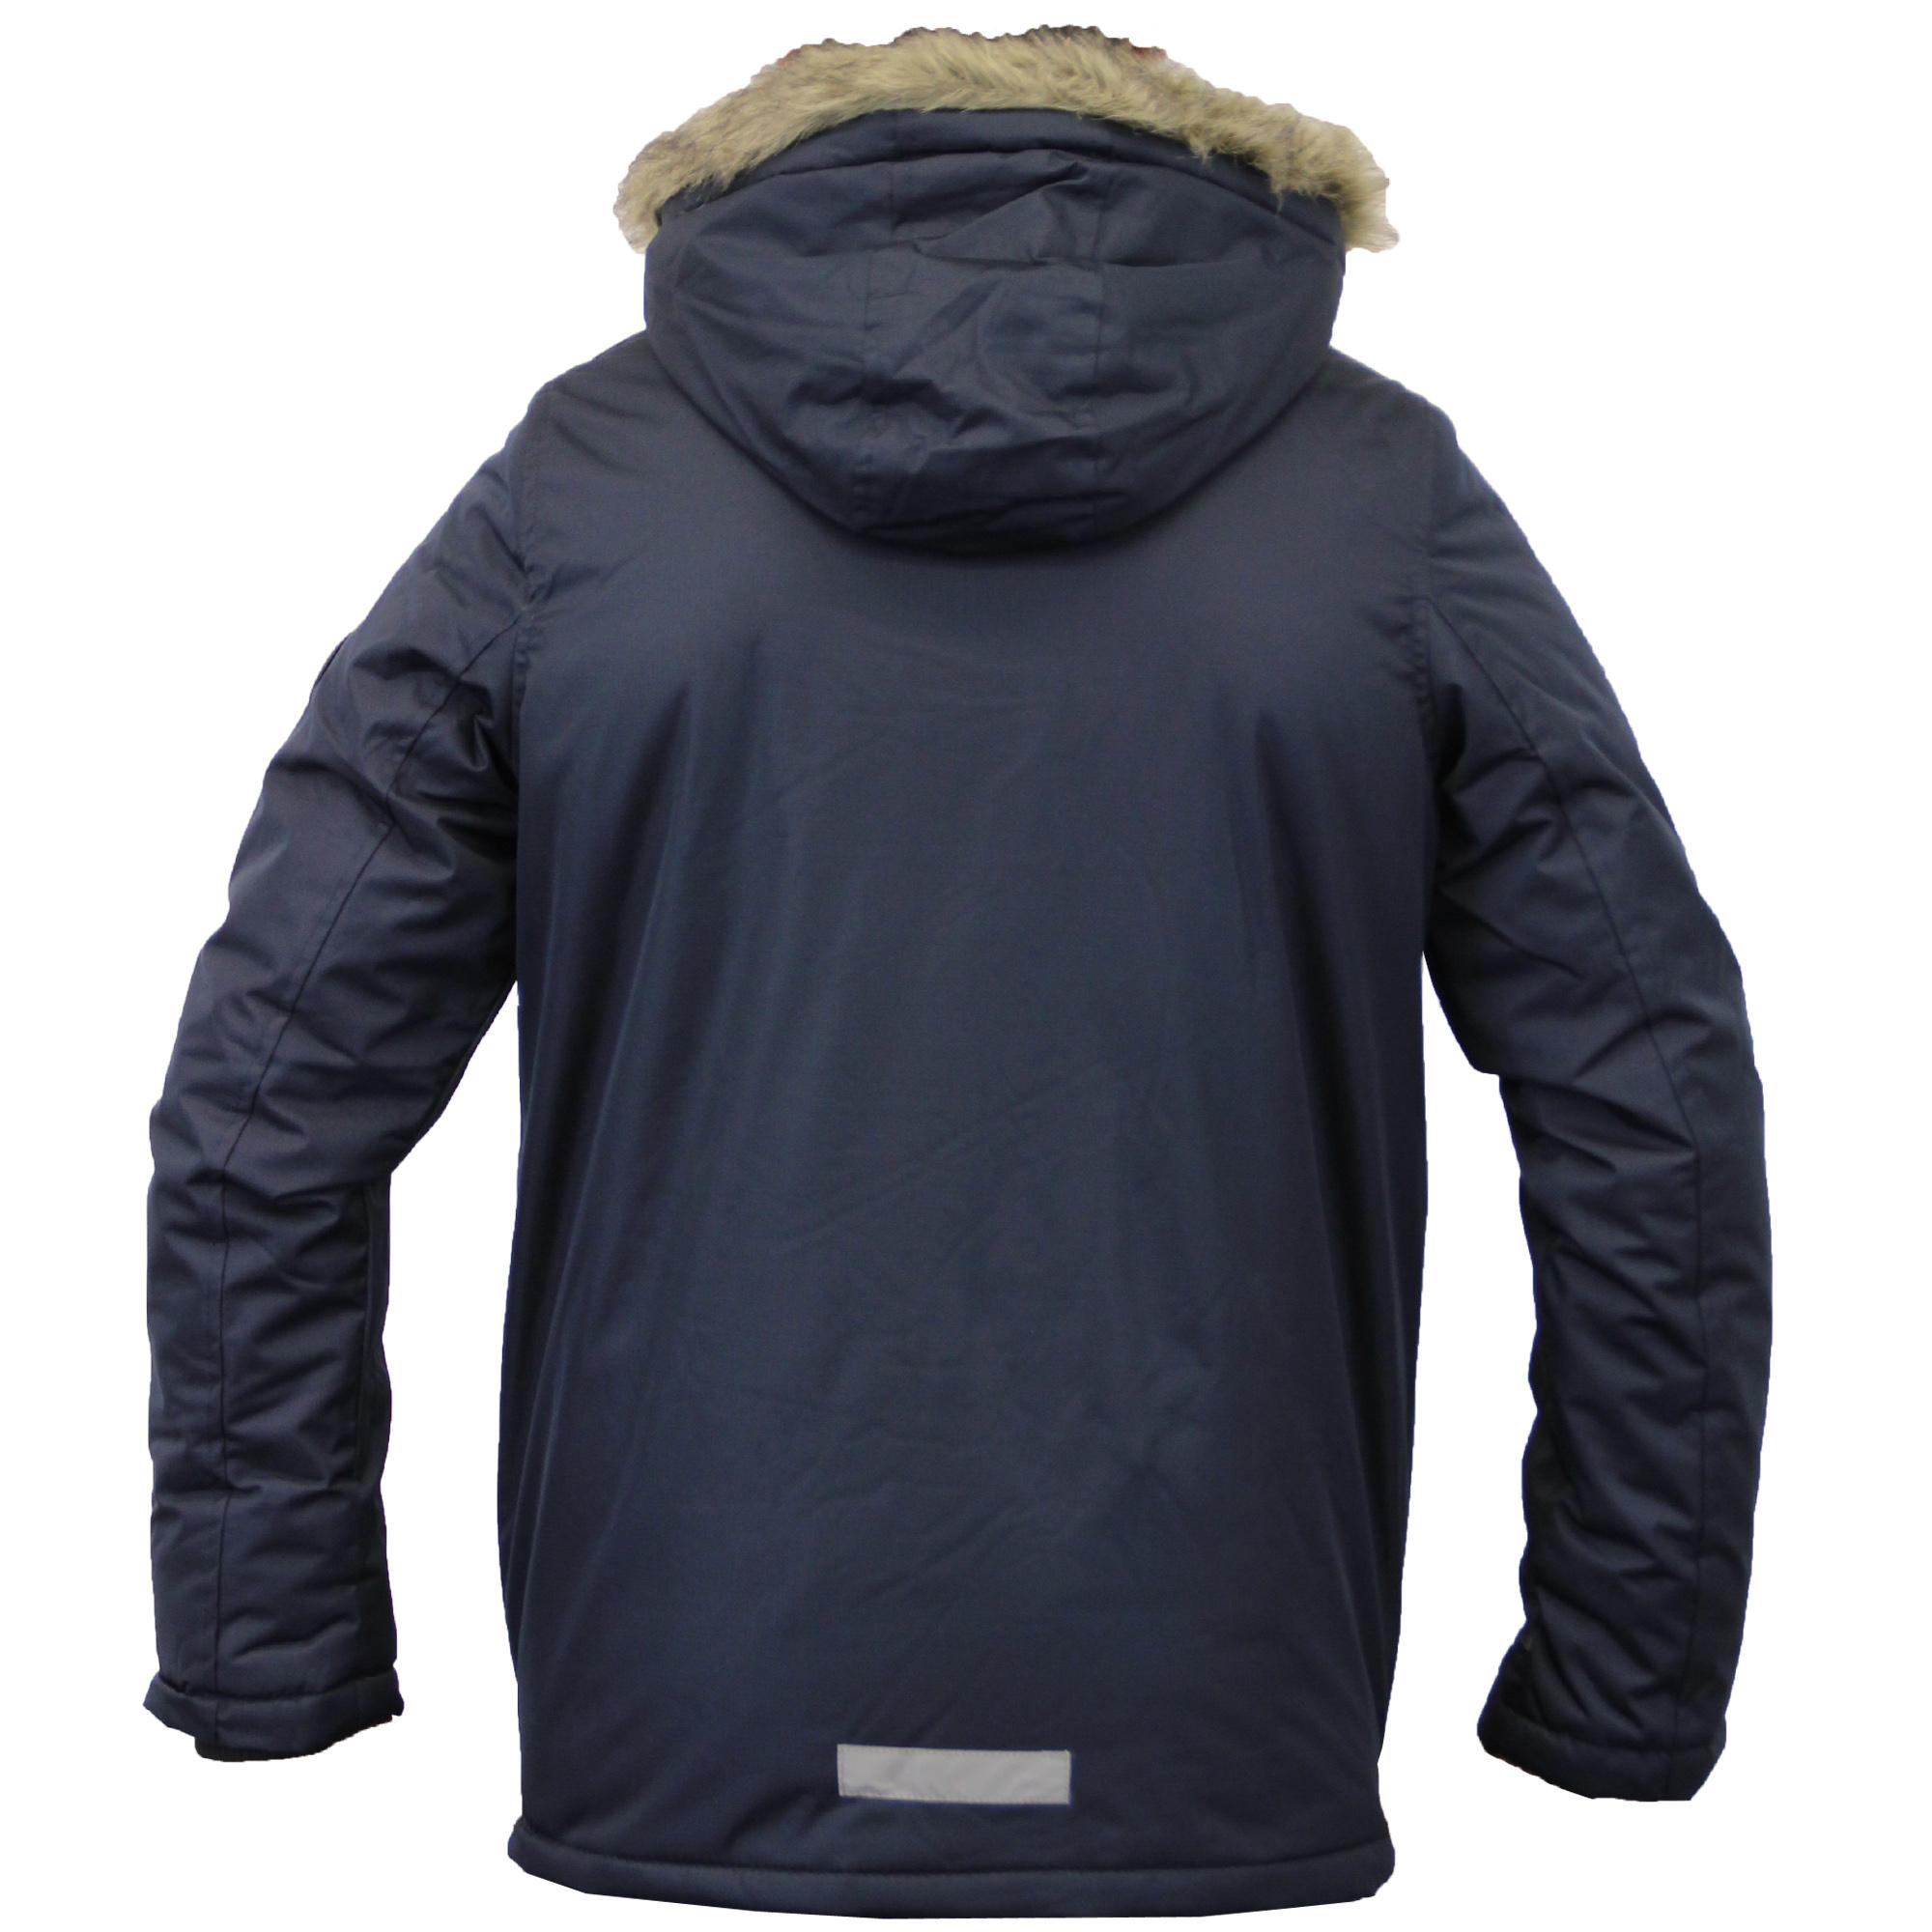 9646112f0c98 Boys Jacket Brave Soul Parka Coat Kids Padded Hooded Faux Fur Lined ...